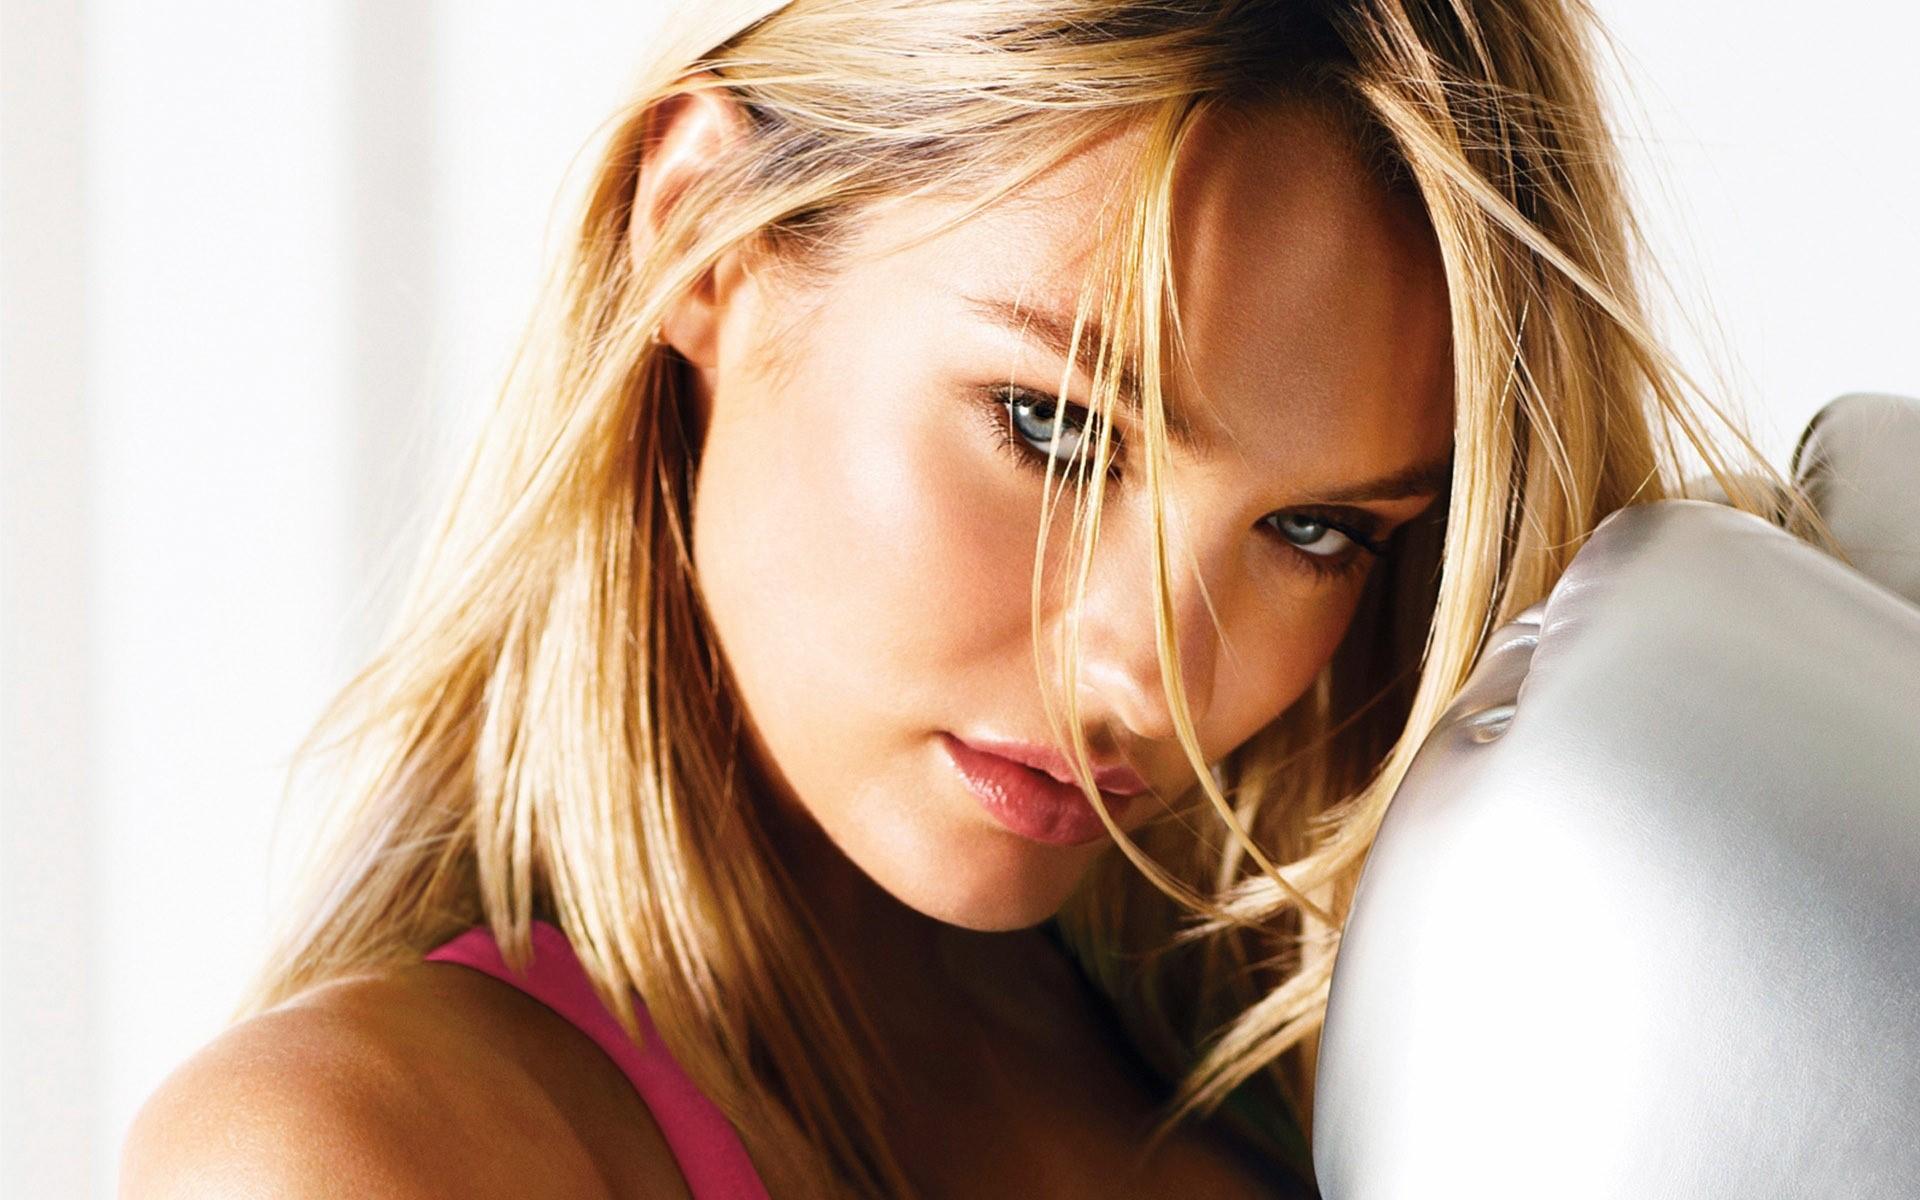 Fondo de pantalla de Candice Swanepoel en una almoada Imágenes